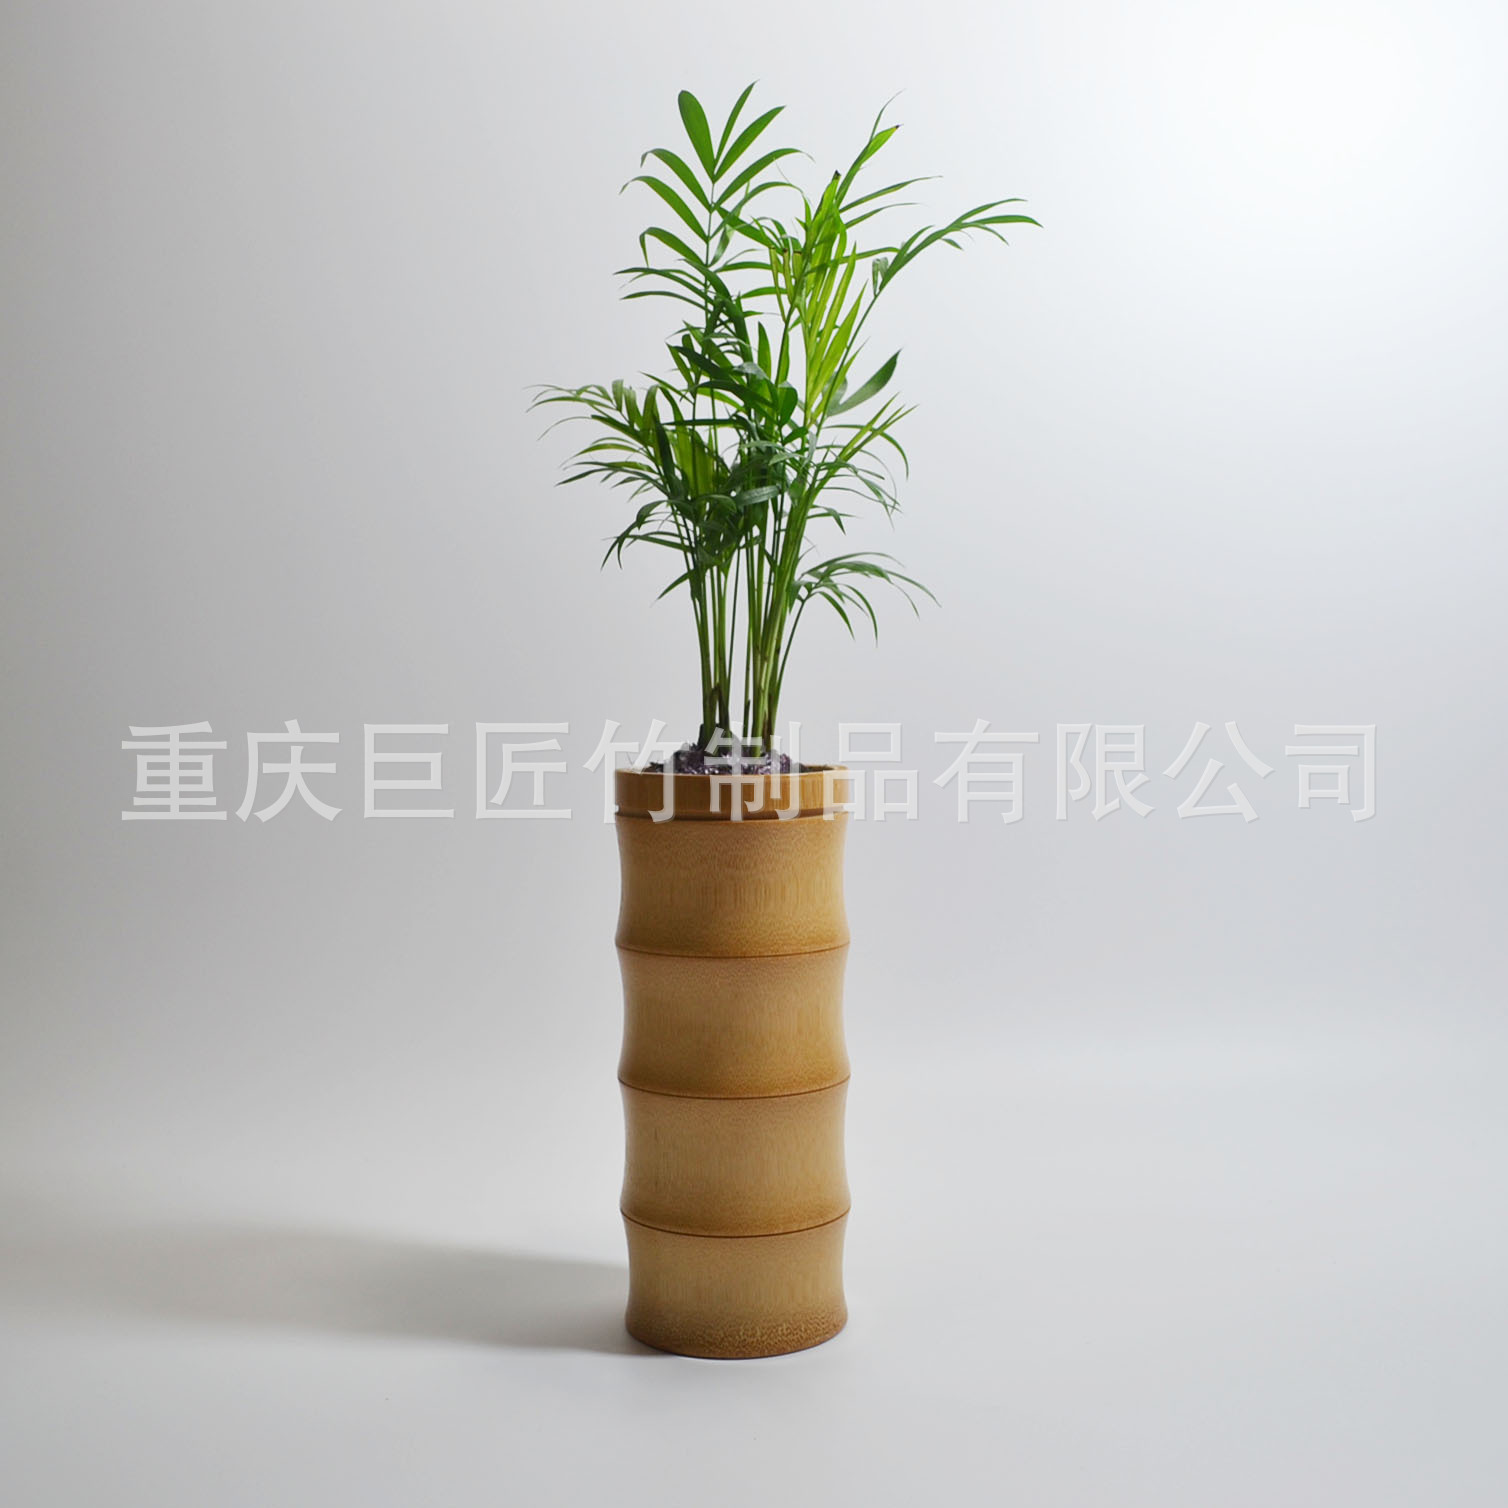 廠家生產天然環保竹子花瓶竹制花缽創意花插家居擺飾竹節式新款